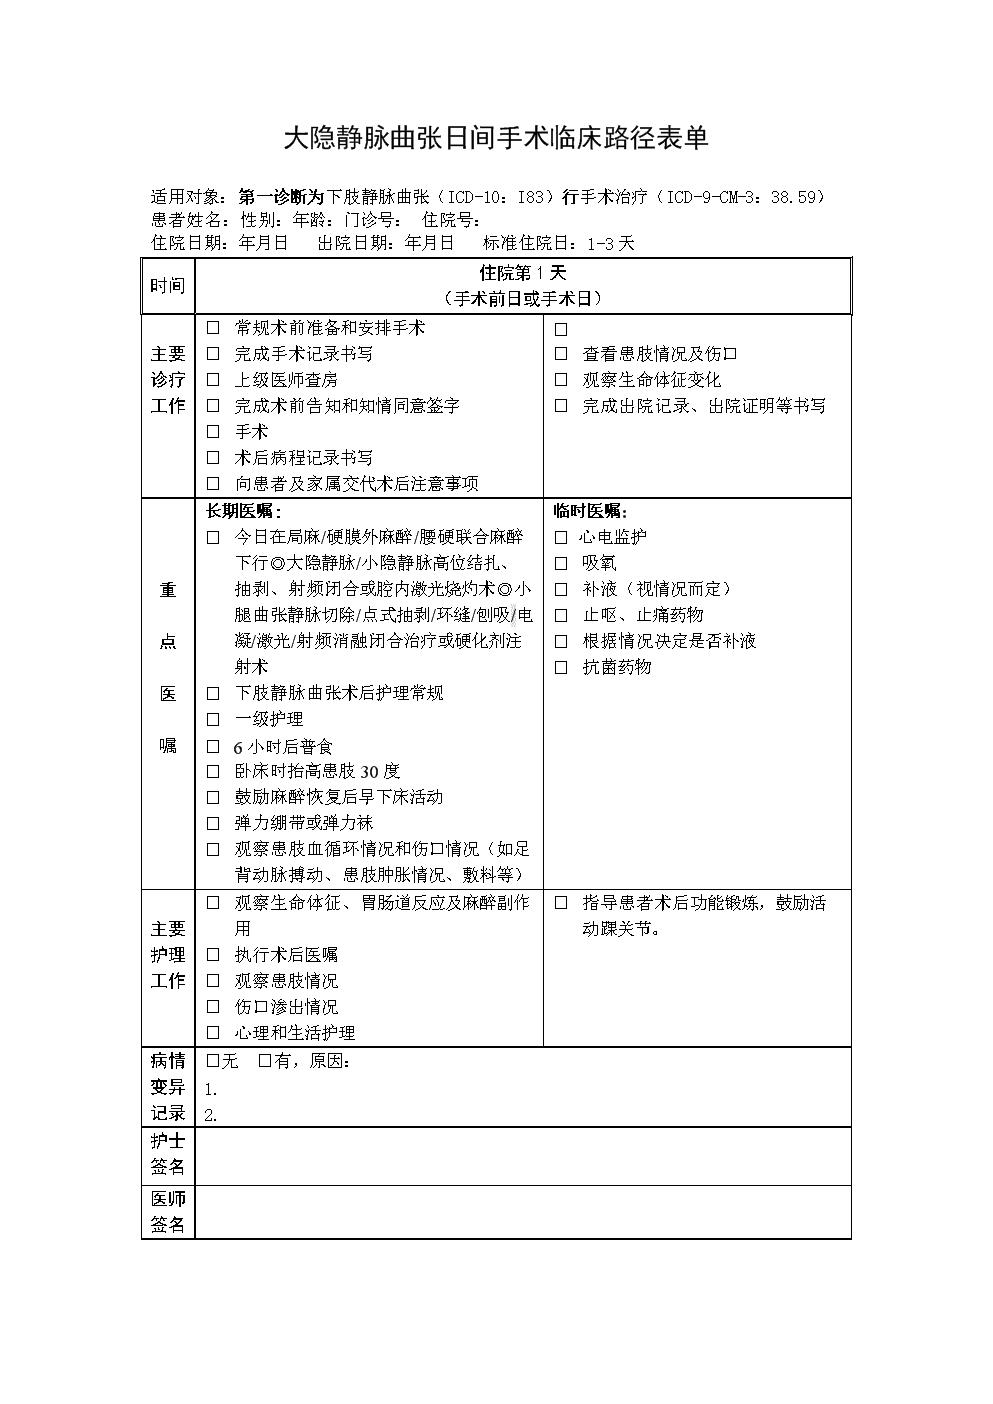 大隱靜脈曲張日間手術臨床路徑表單.doc